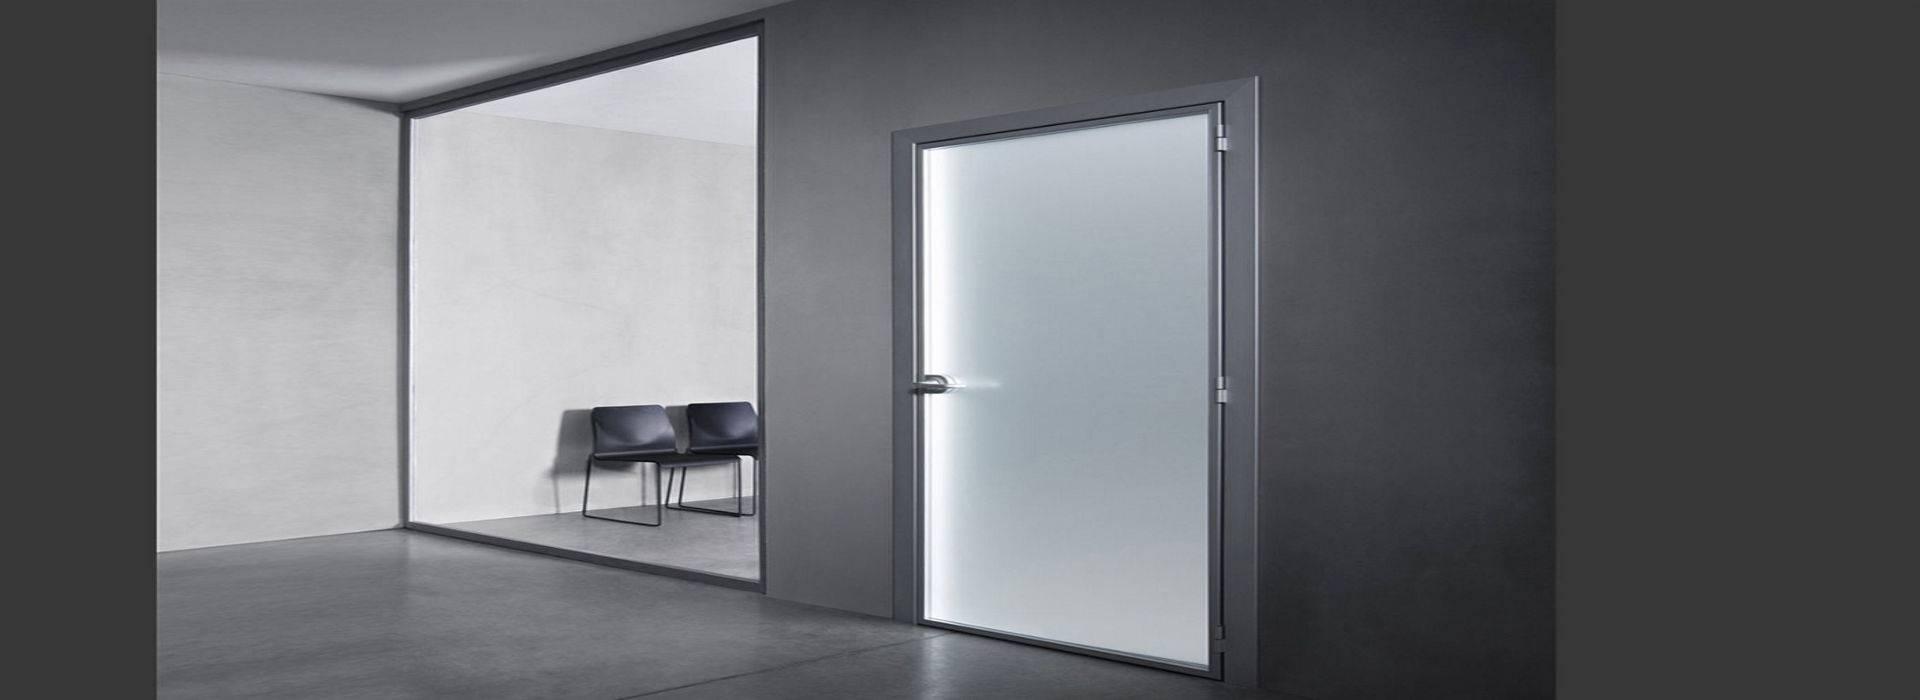 Алюминиевые двери с матовым стеклом